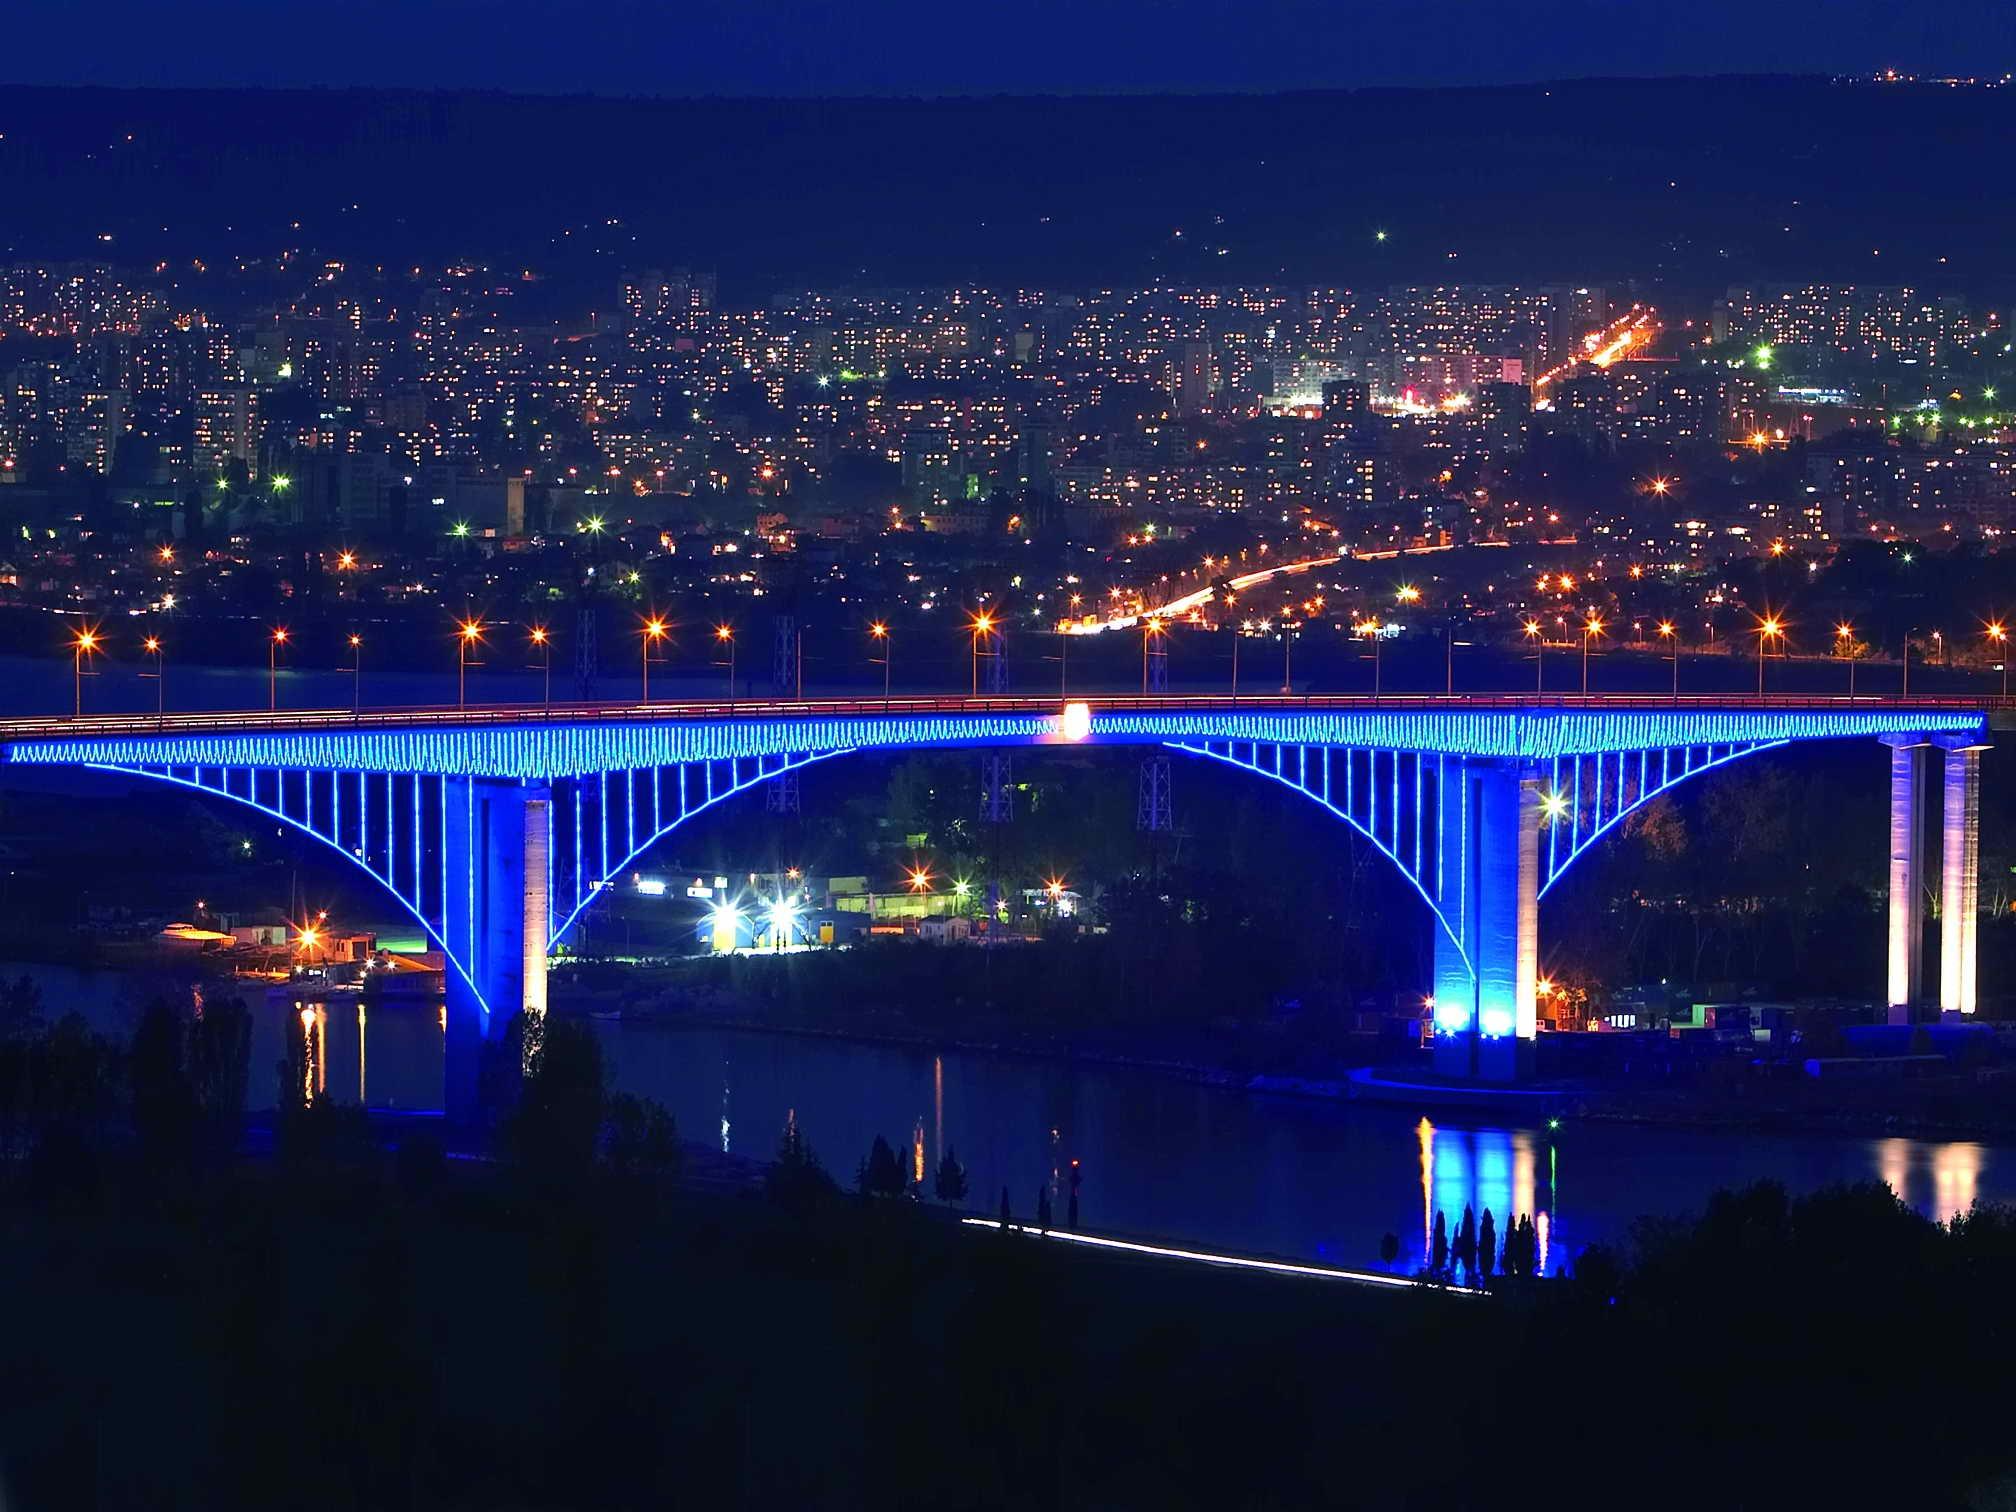 Varna-Bulgaria-at-night